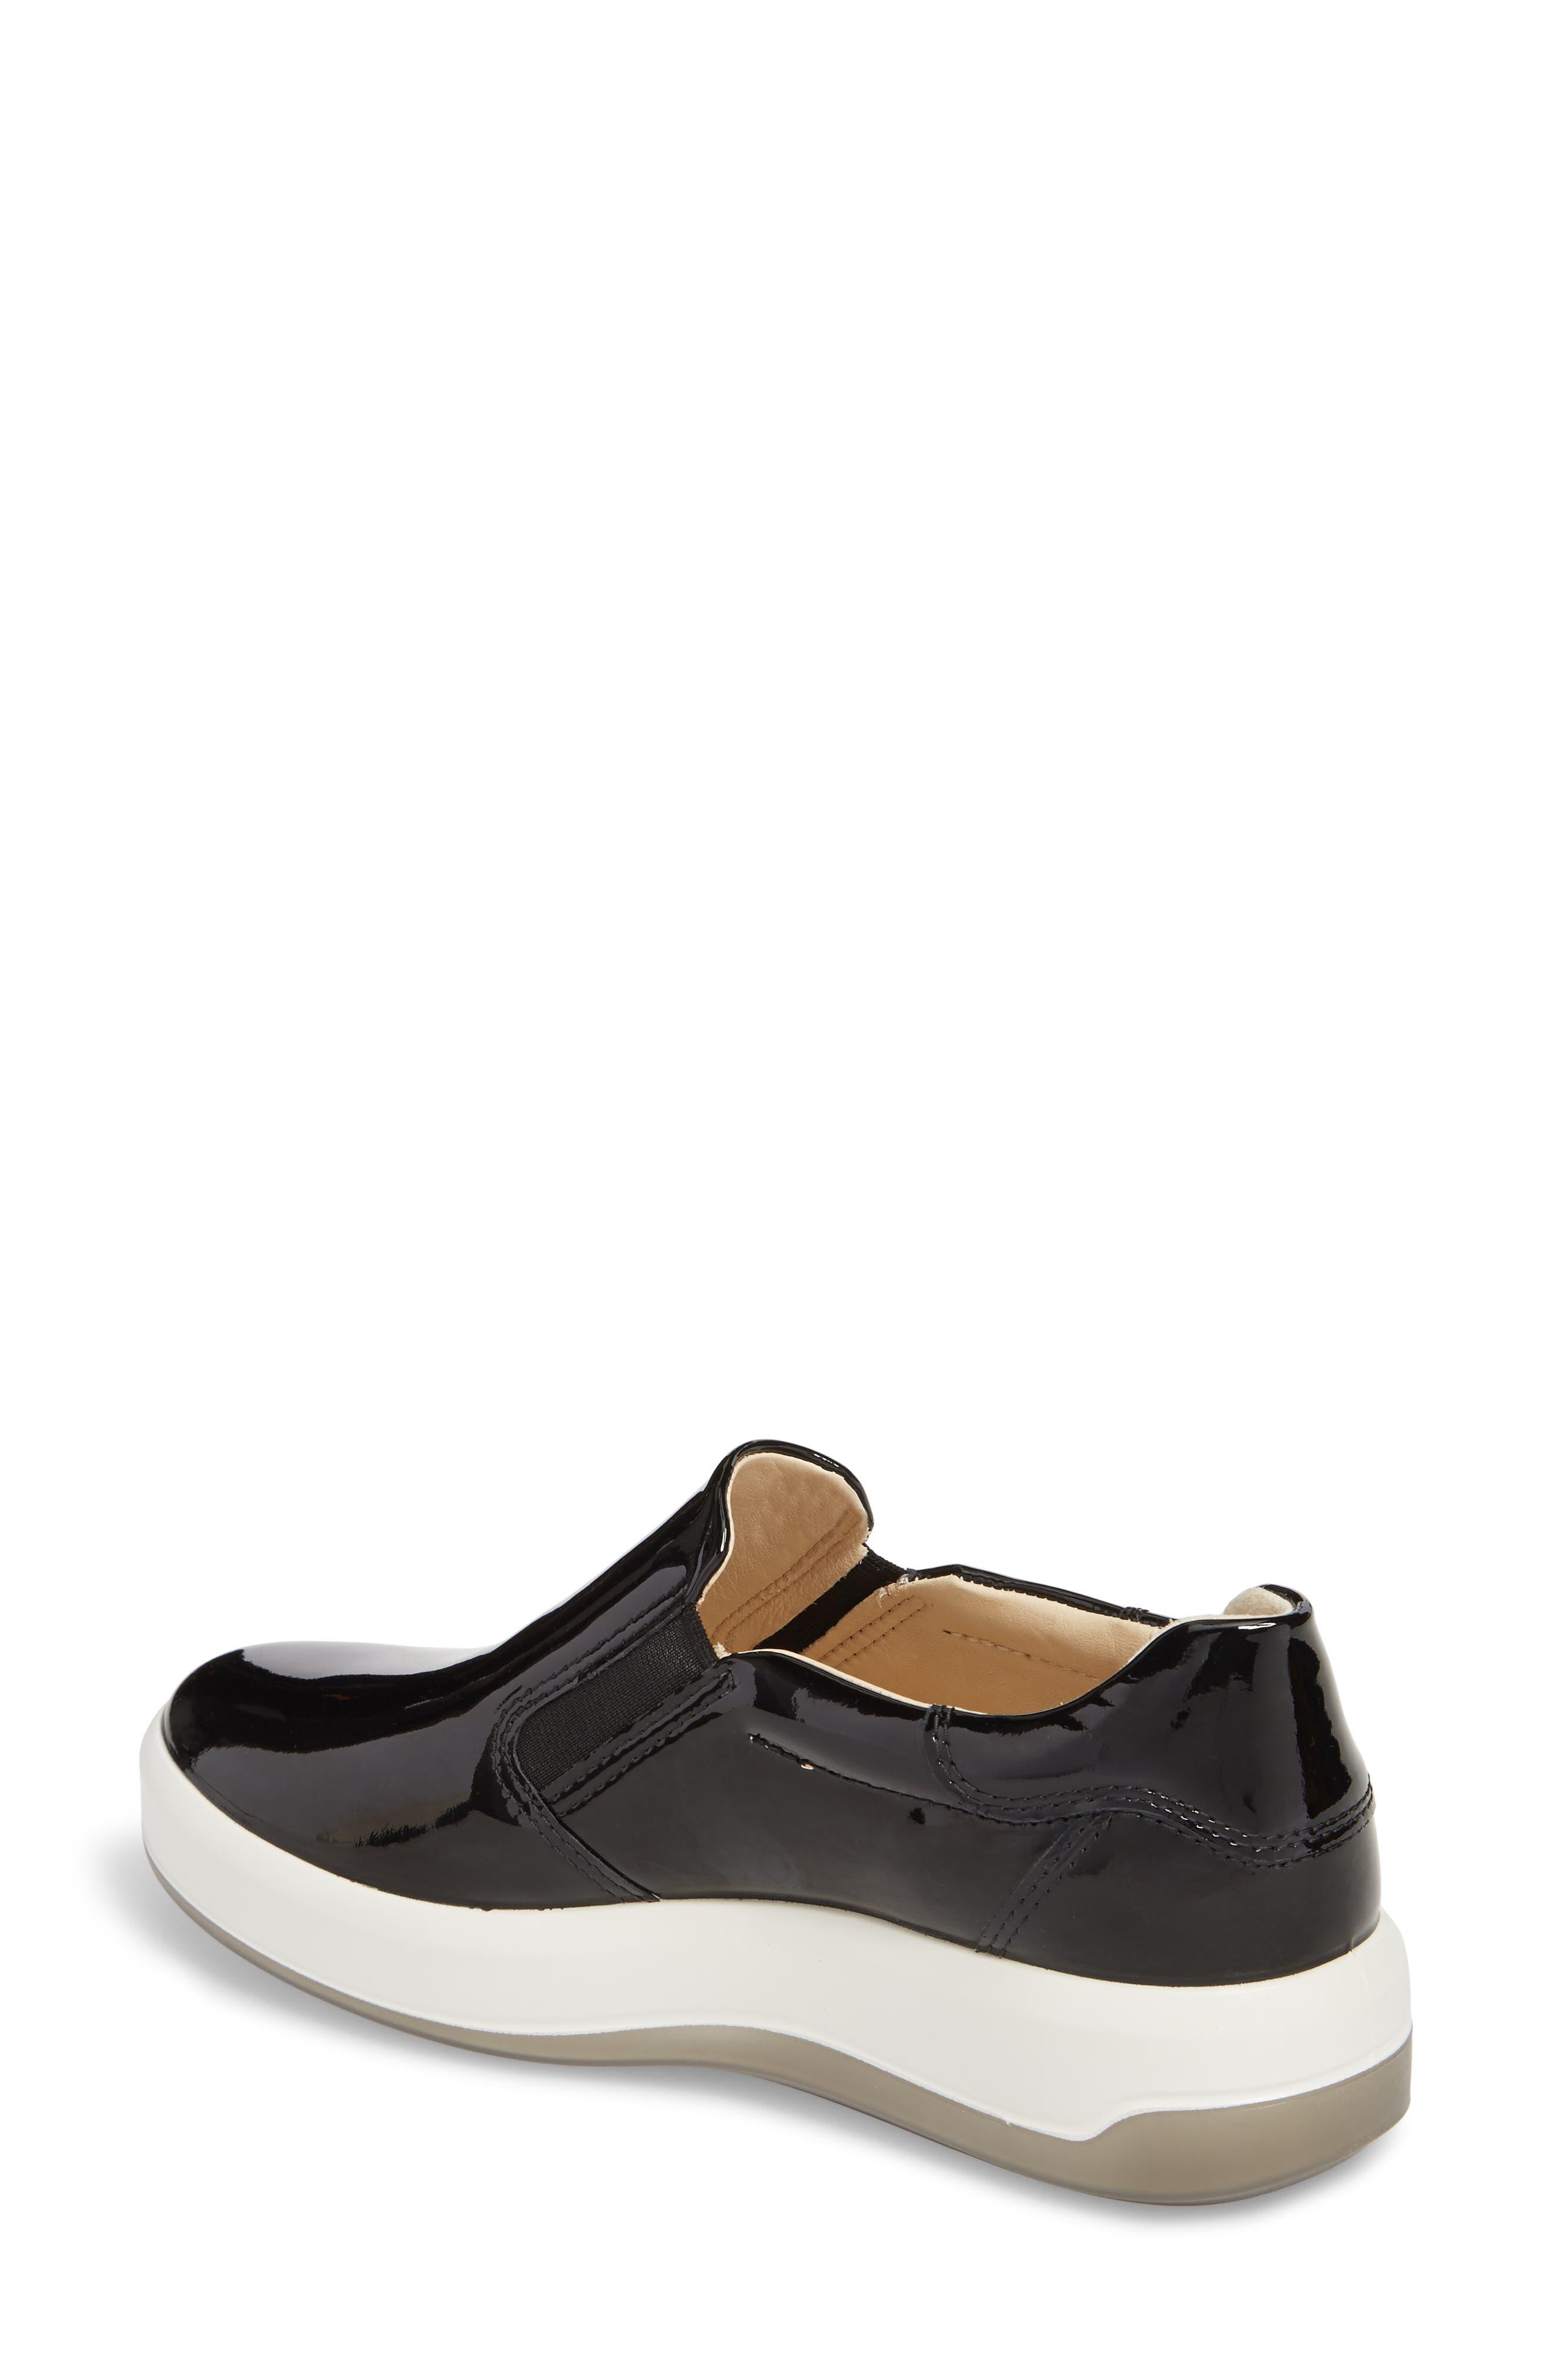 Soft 9 Slip-On Sneaker,                             Alternate thumbnail 2, color,                             005